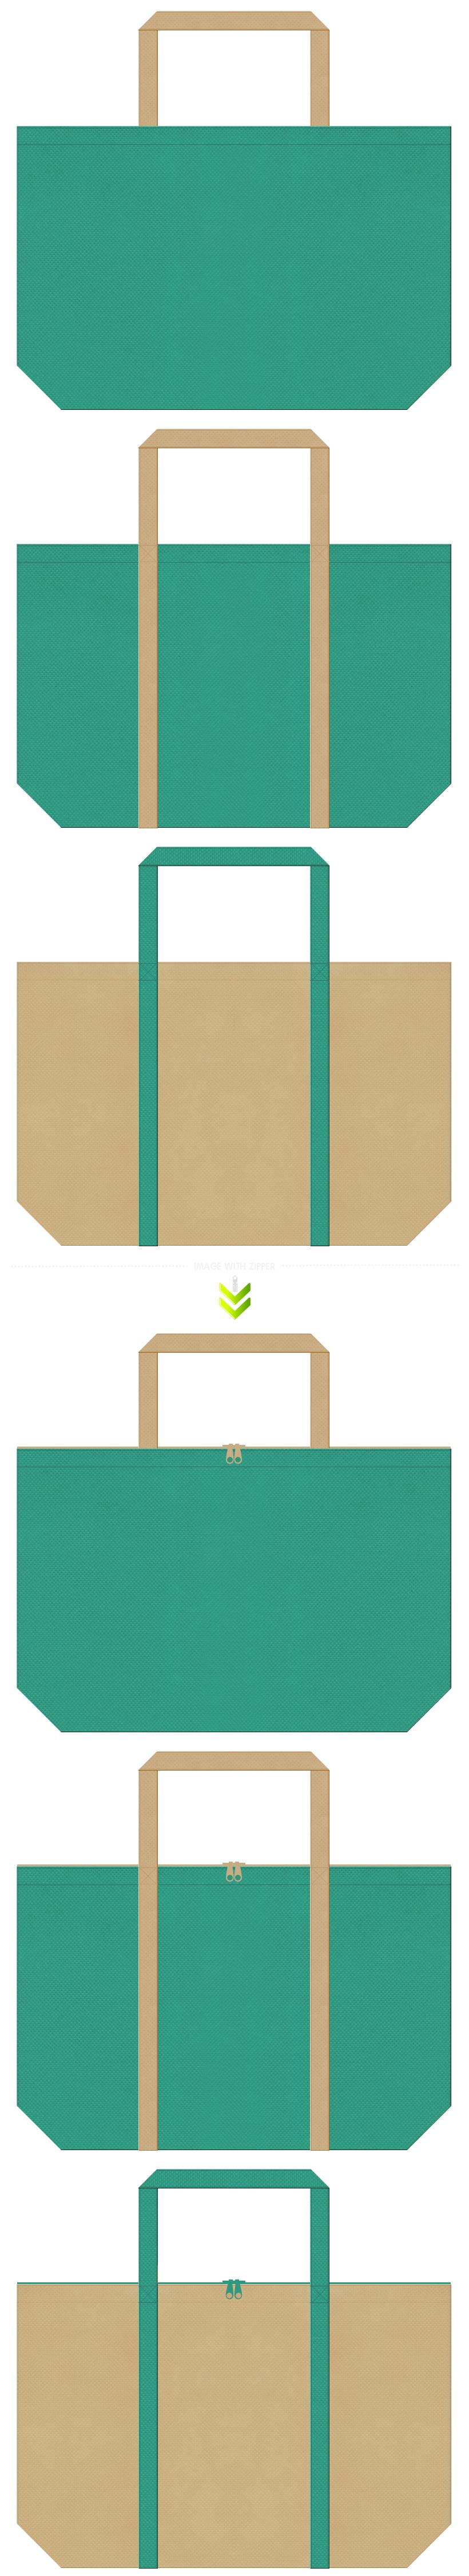 青緑色とカーキ色の不織布エコバッグのデザイン。